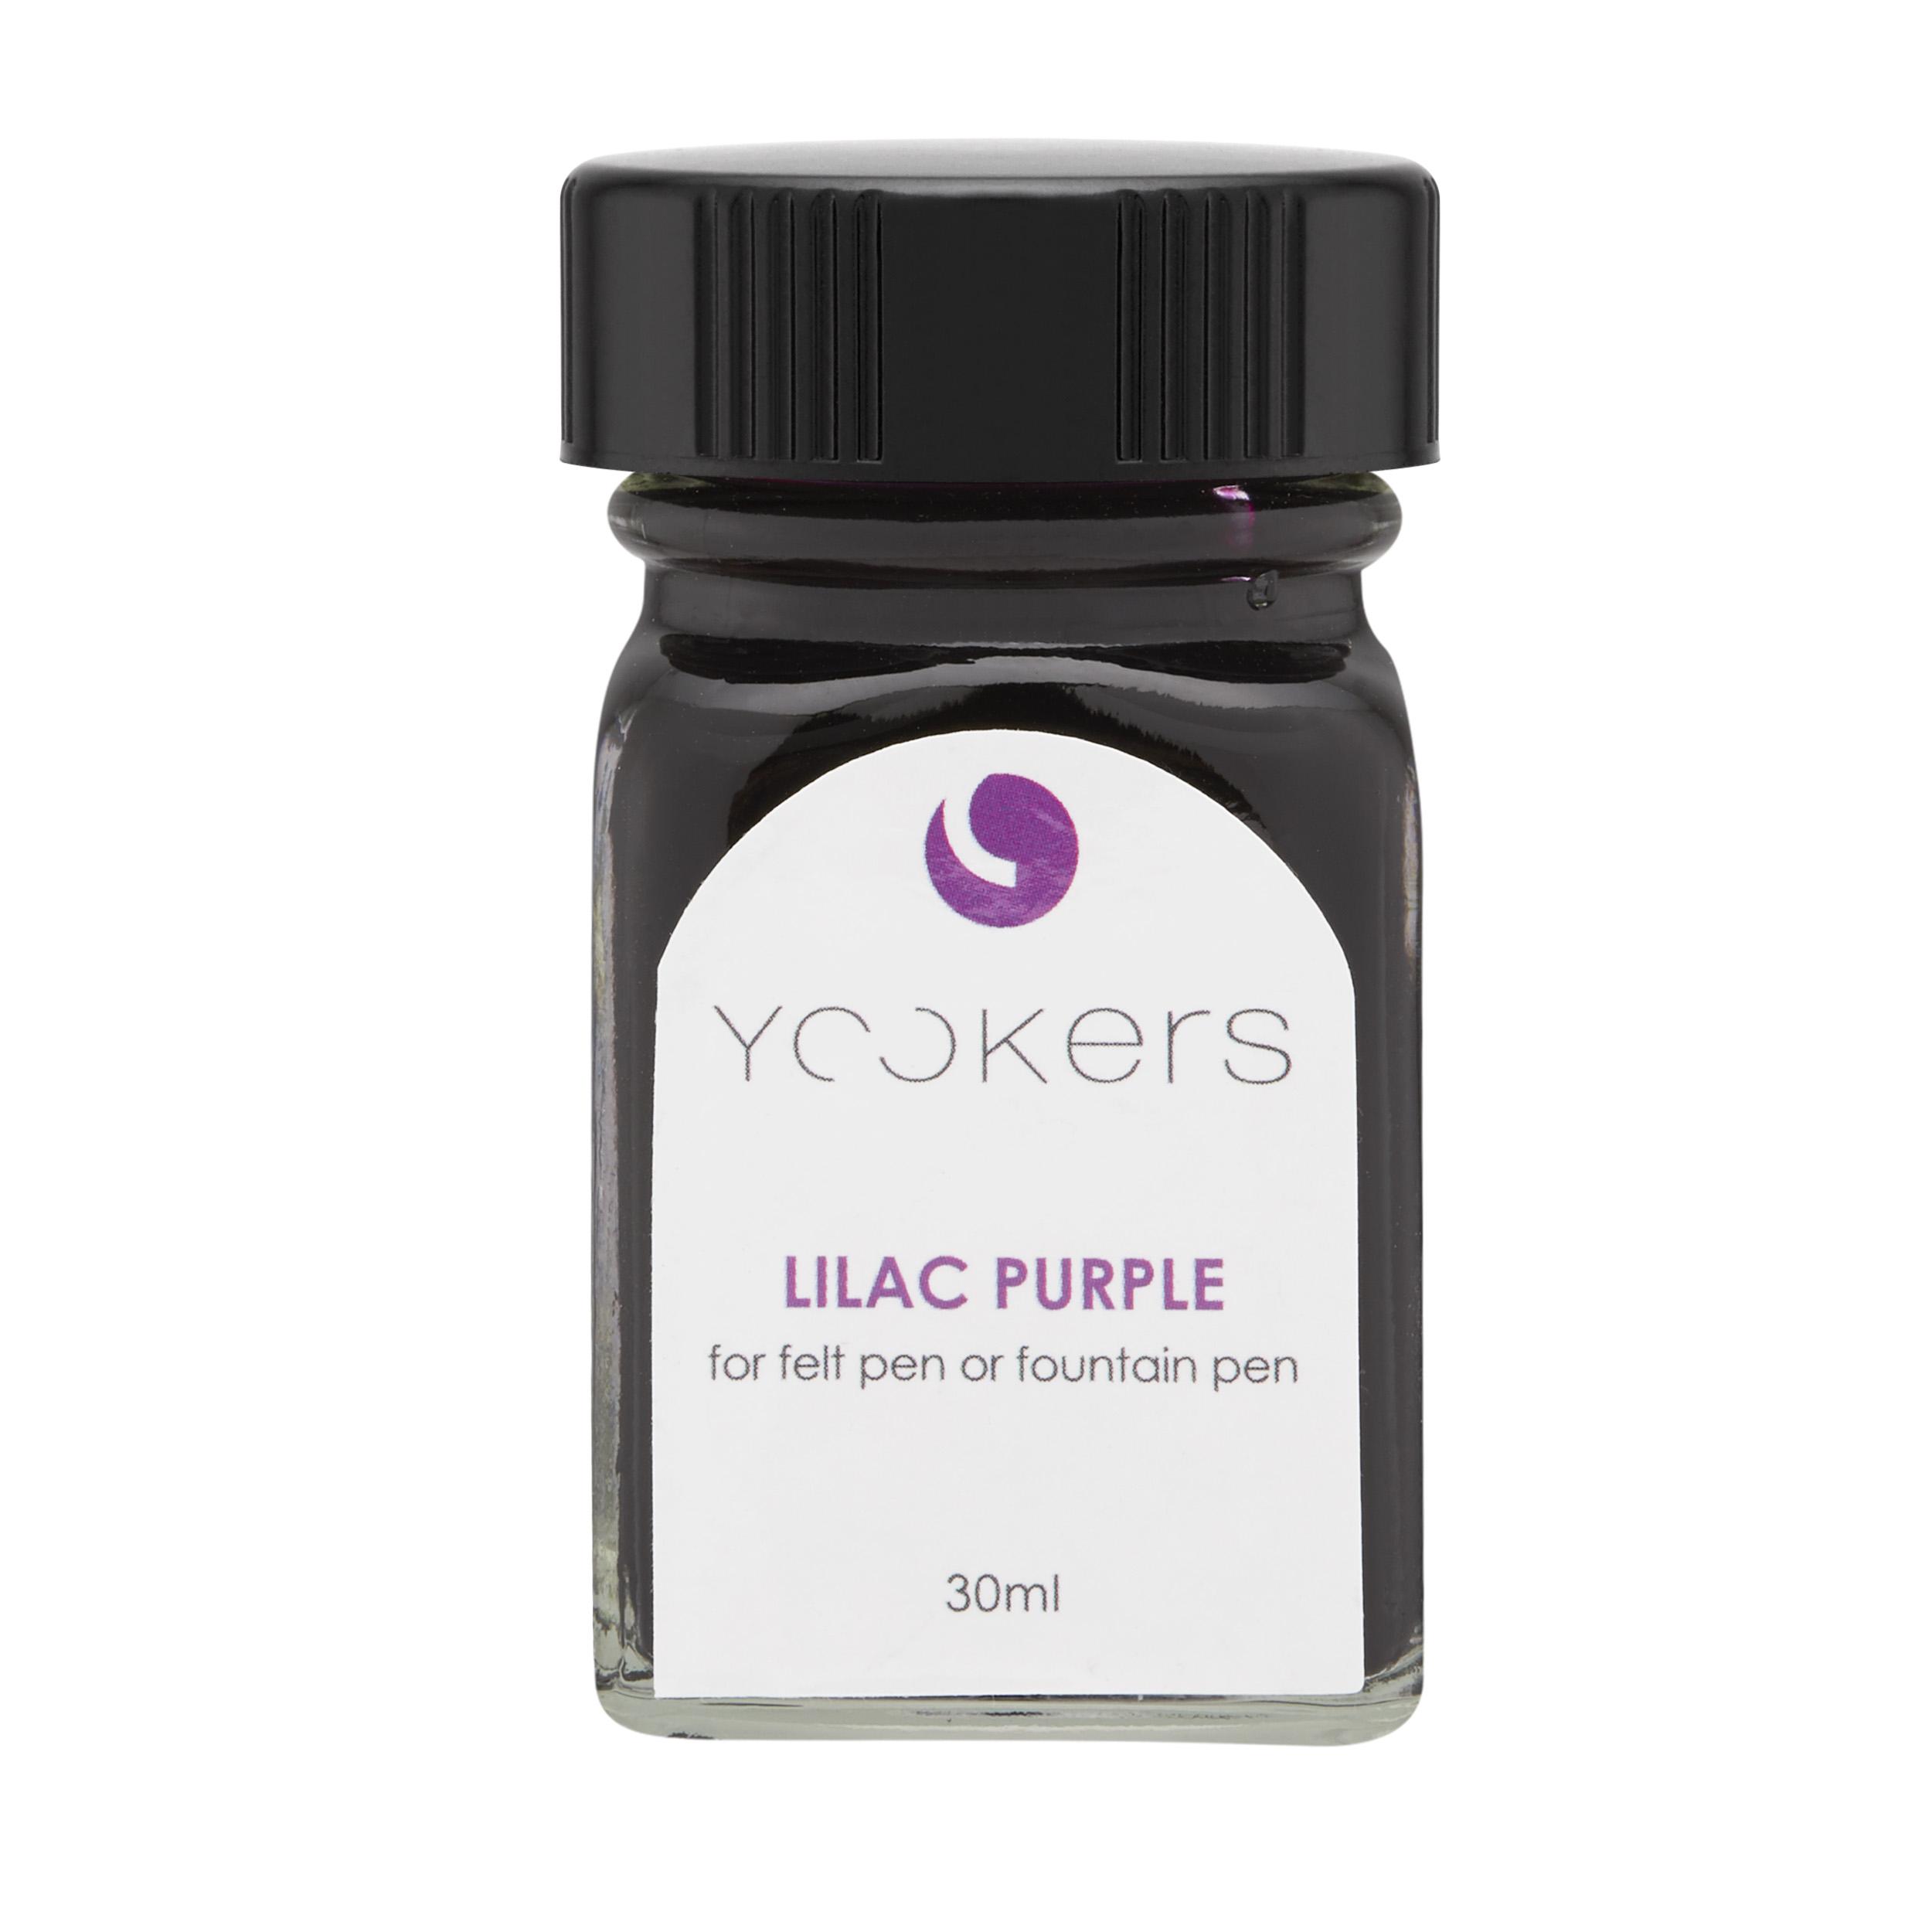 Lilacbottle